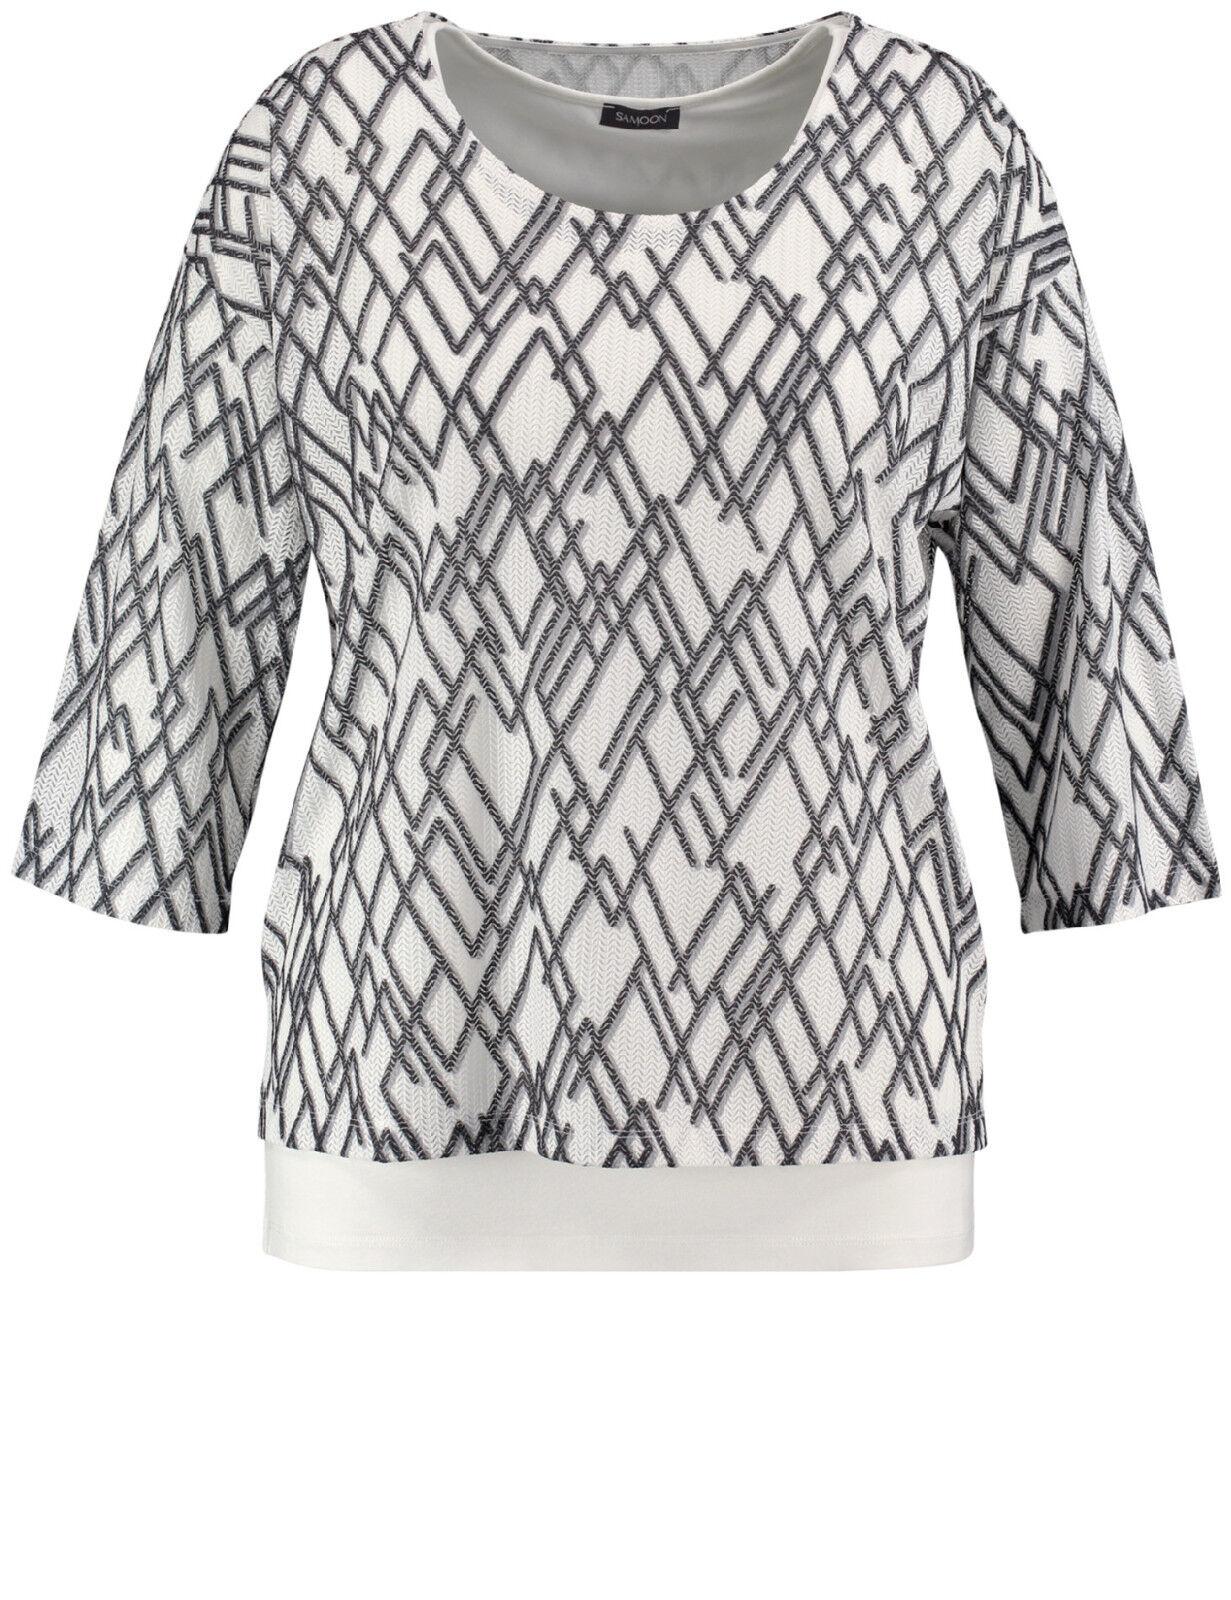 Samoon Two-In-One Shirt by Gerry Weber doppellagig Neu 3 4 Arm Damen Gr.